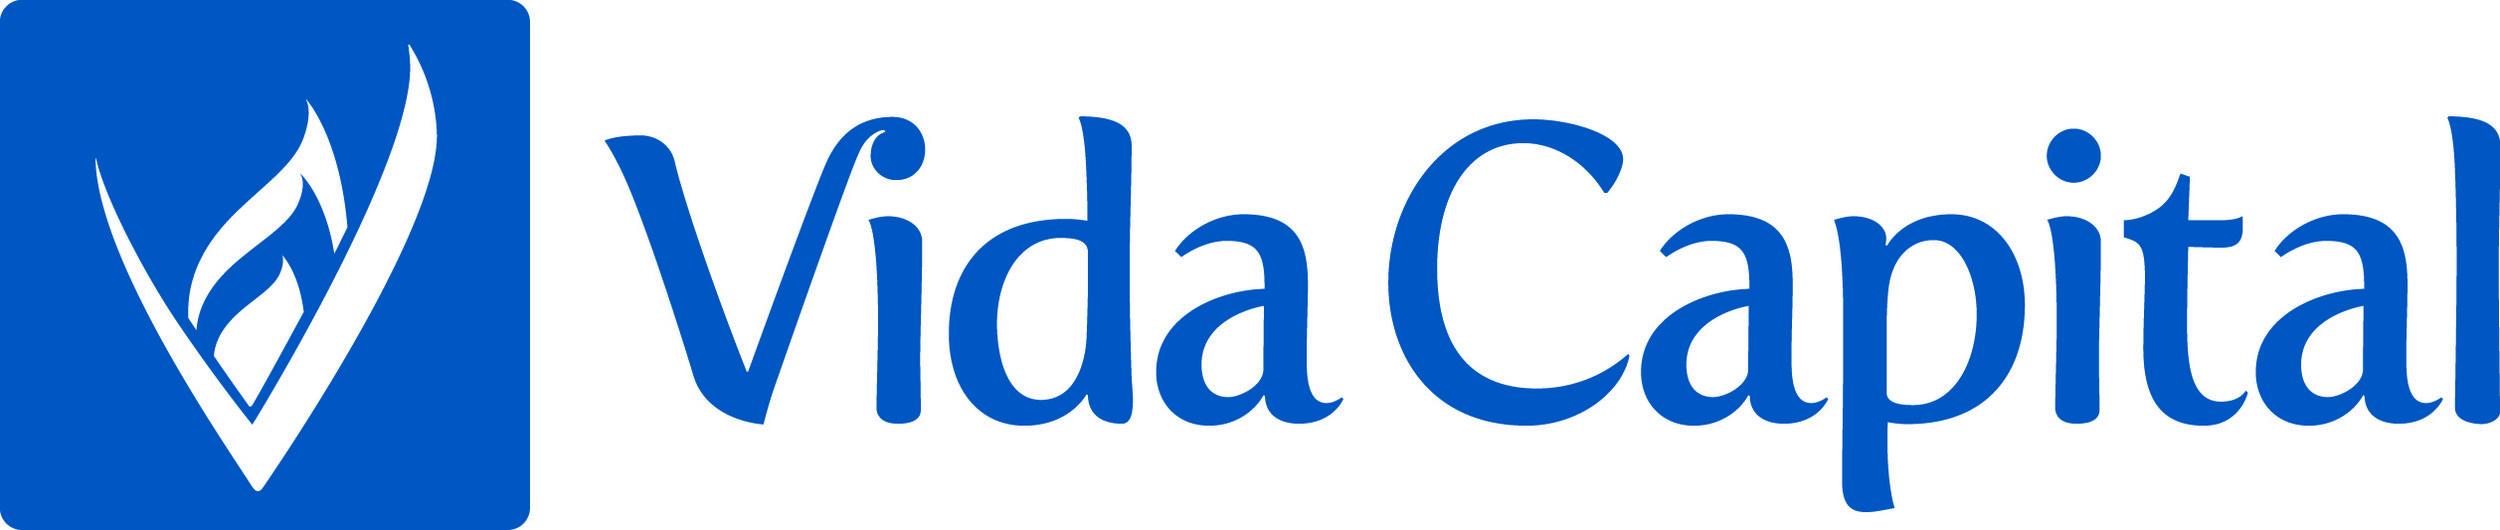 Vida_FinalLogo_1_22_blue.jpg